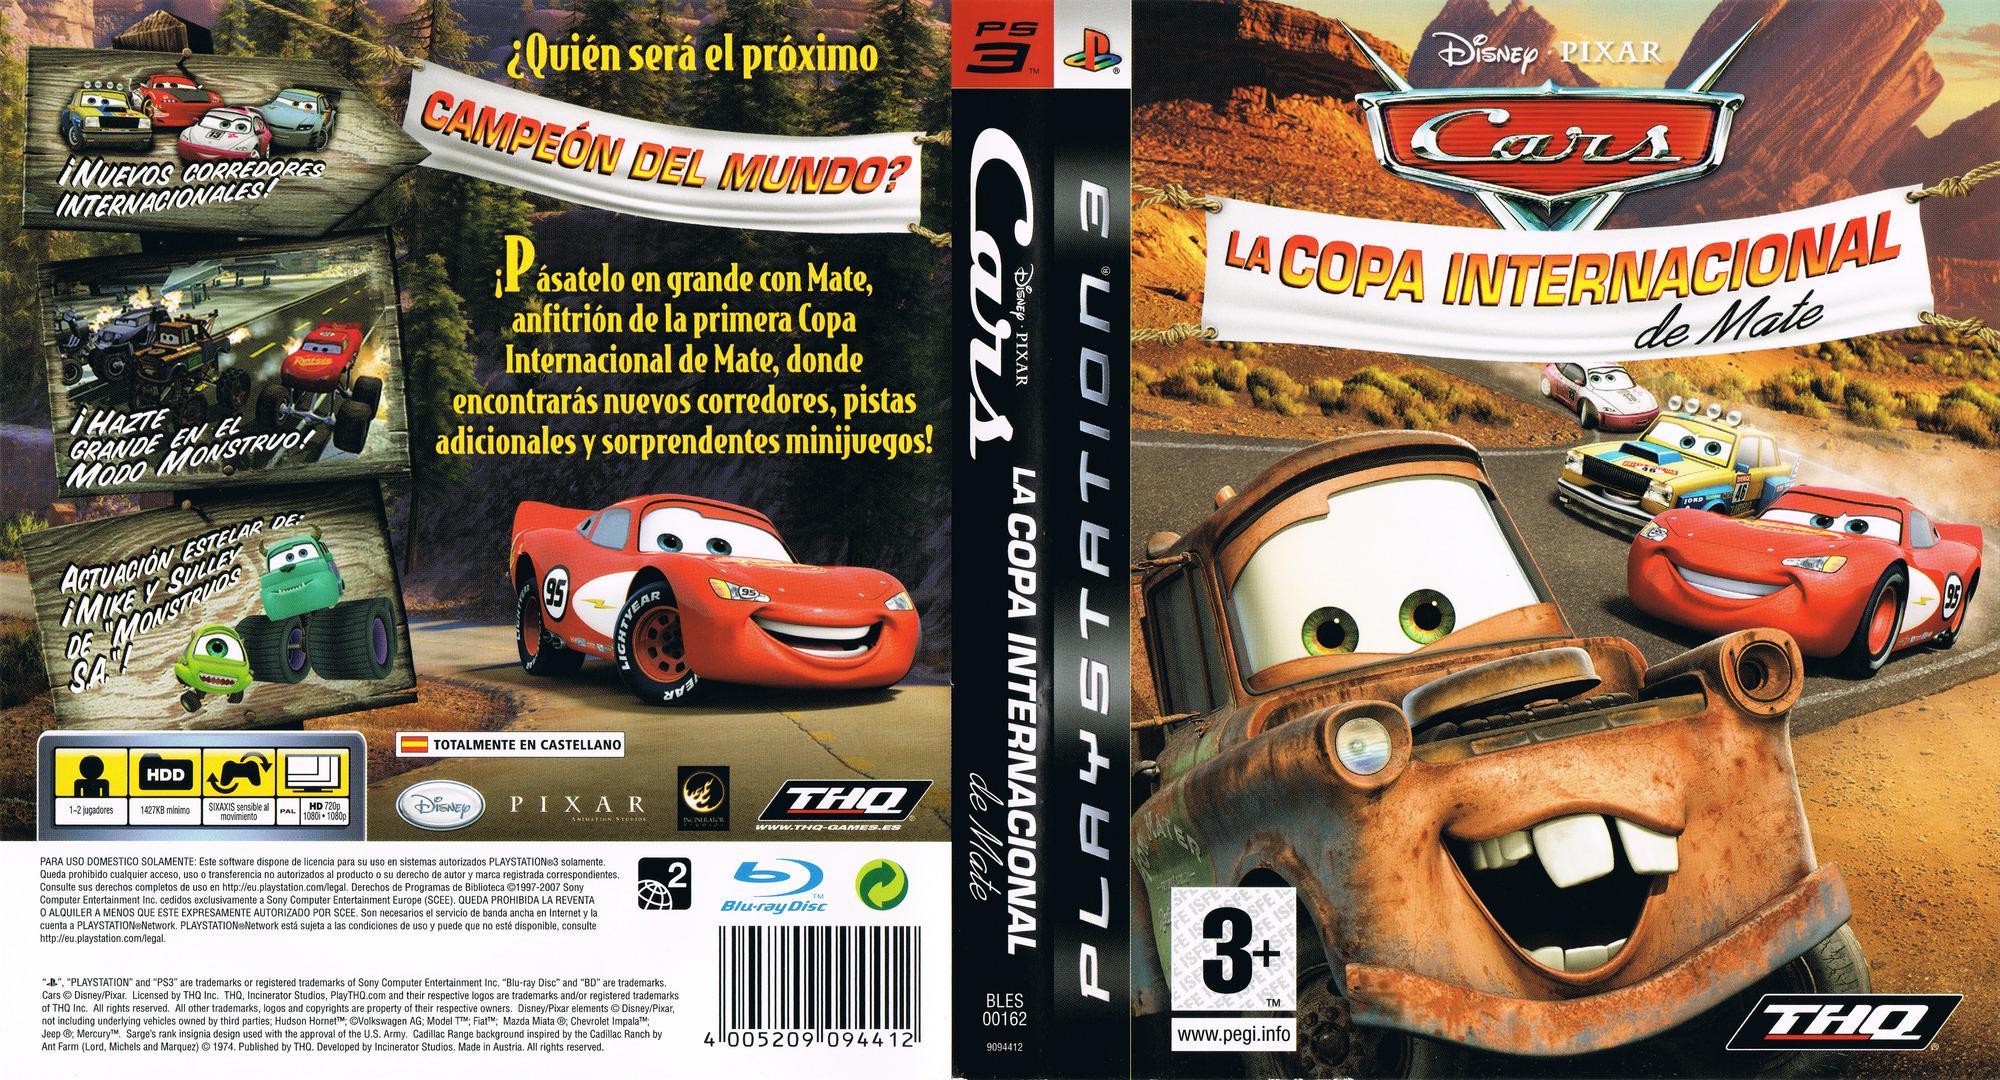 Cars: La Copa Internacional De Mate PS3 coverfullHQ (BLES00162)